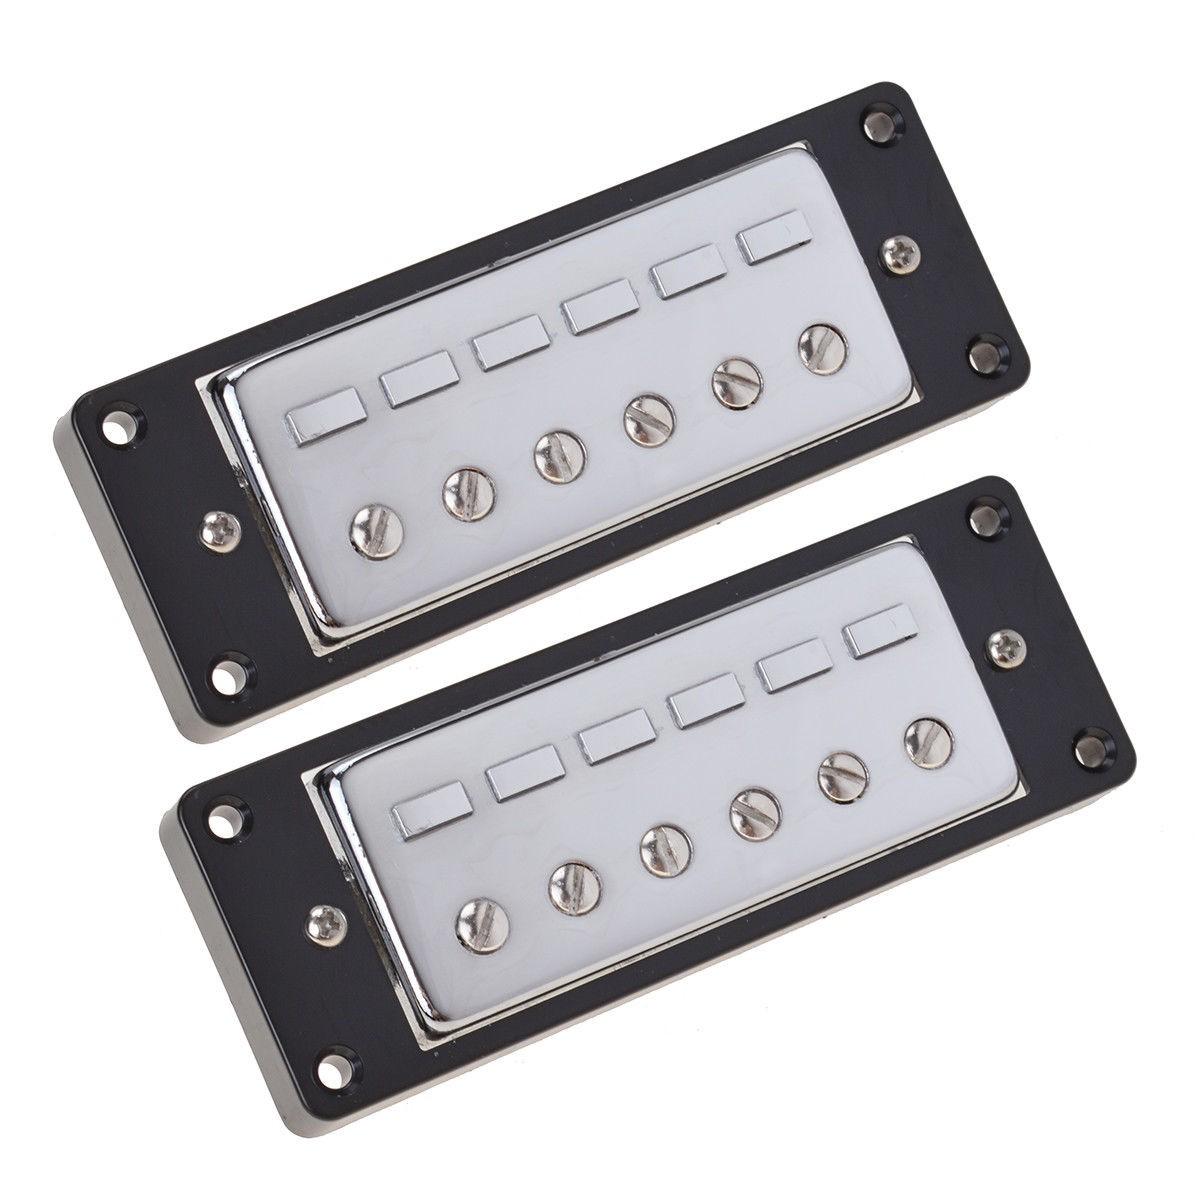 Kmise Mini Humbucker Guitar Pickups Bridge and Neck Parts Chrome & Black Frame